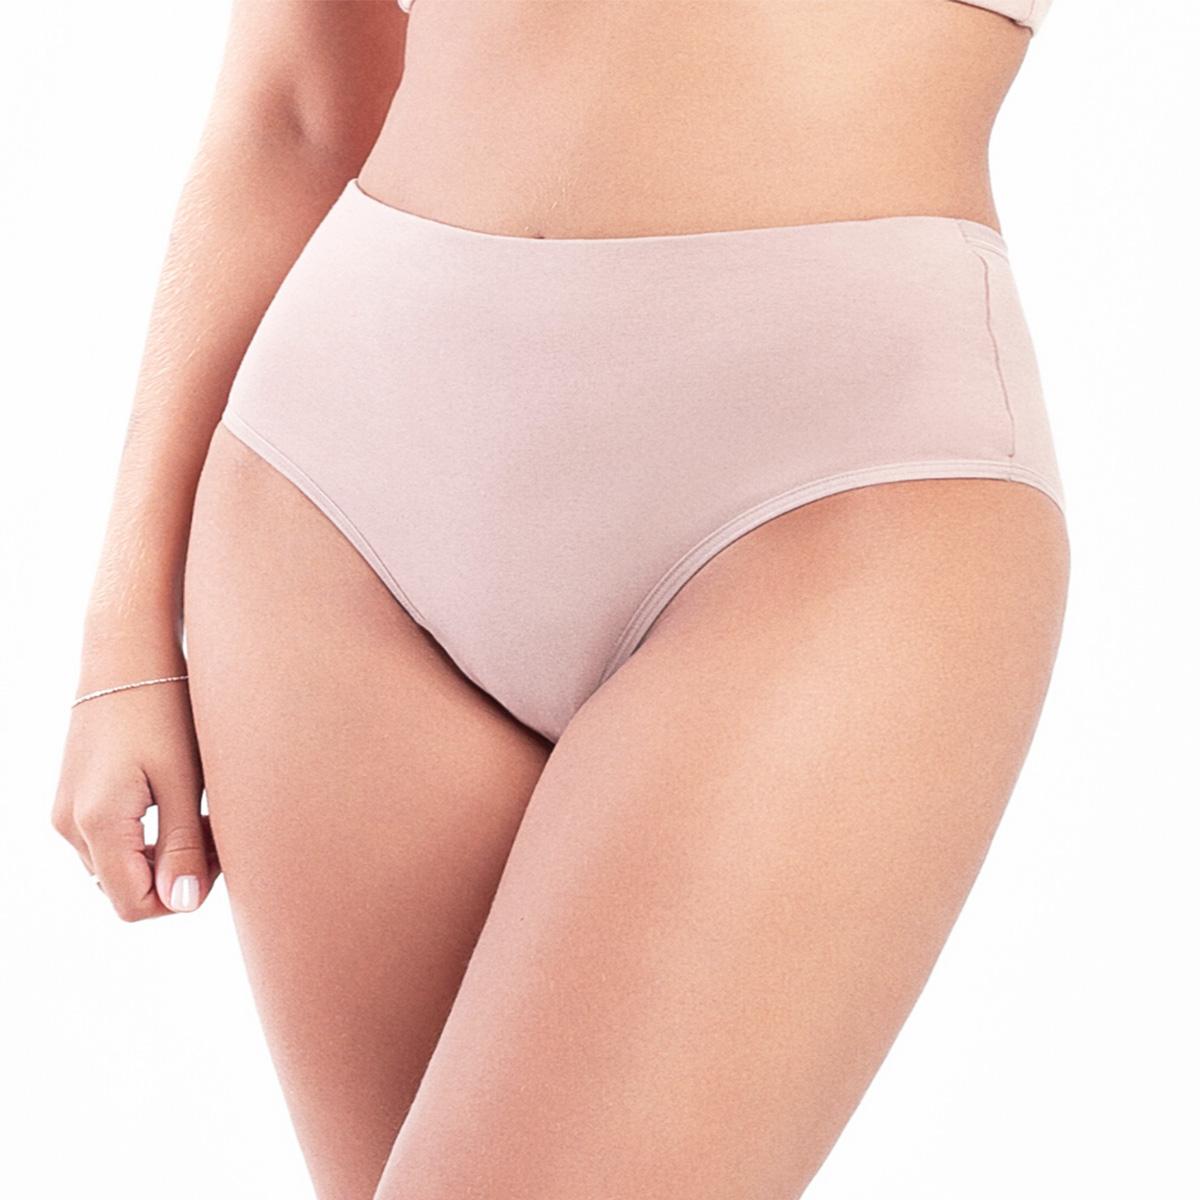 Calcinha cintura alta frente dupla compressão econfort